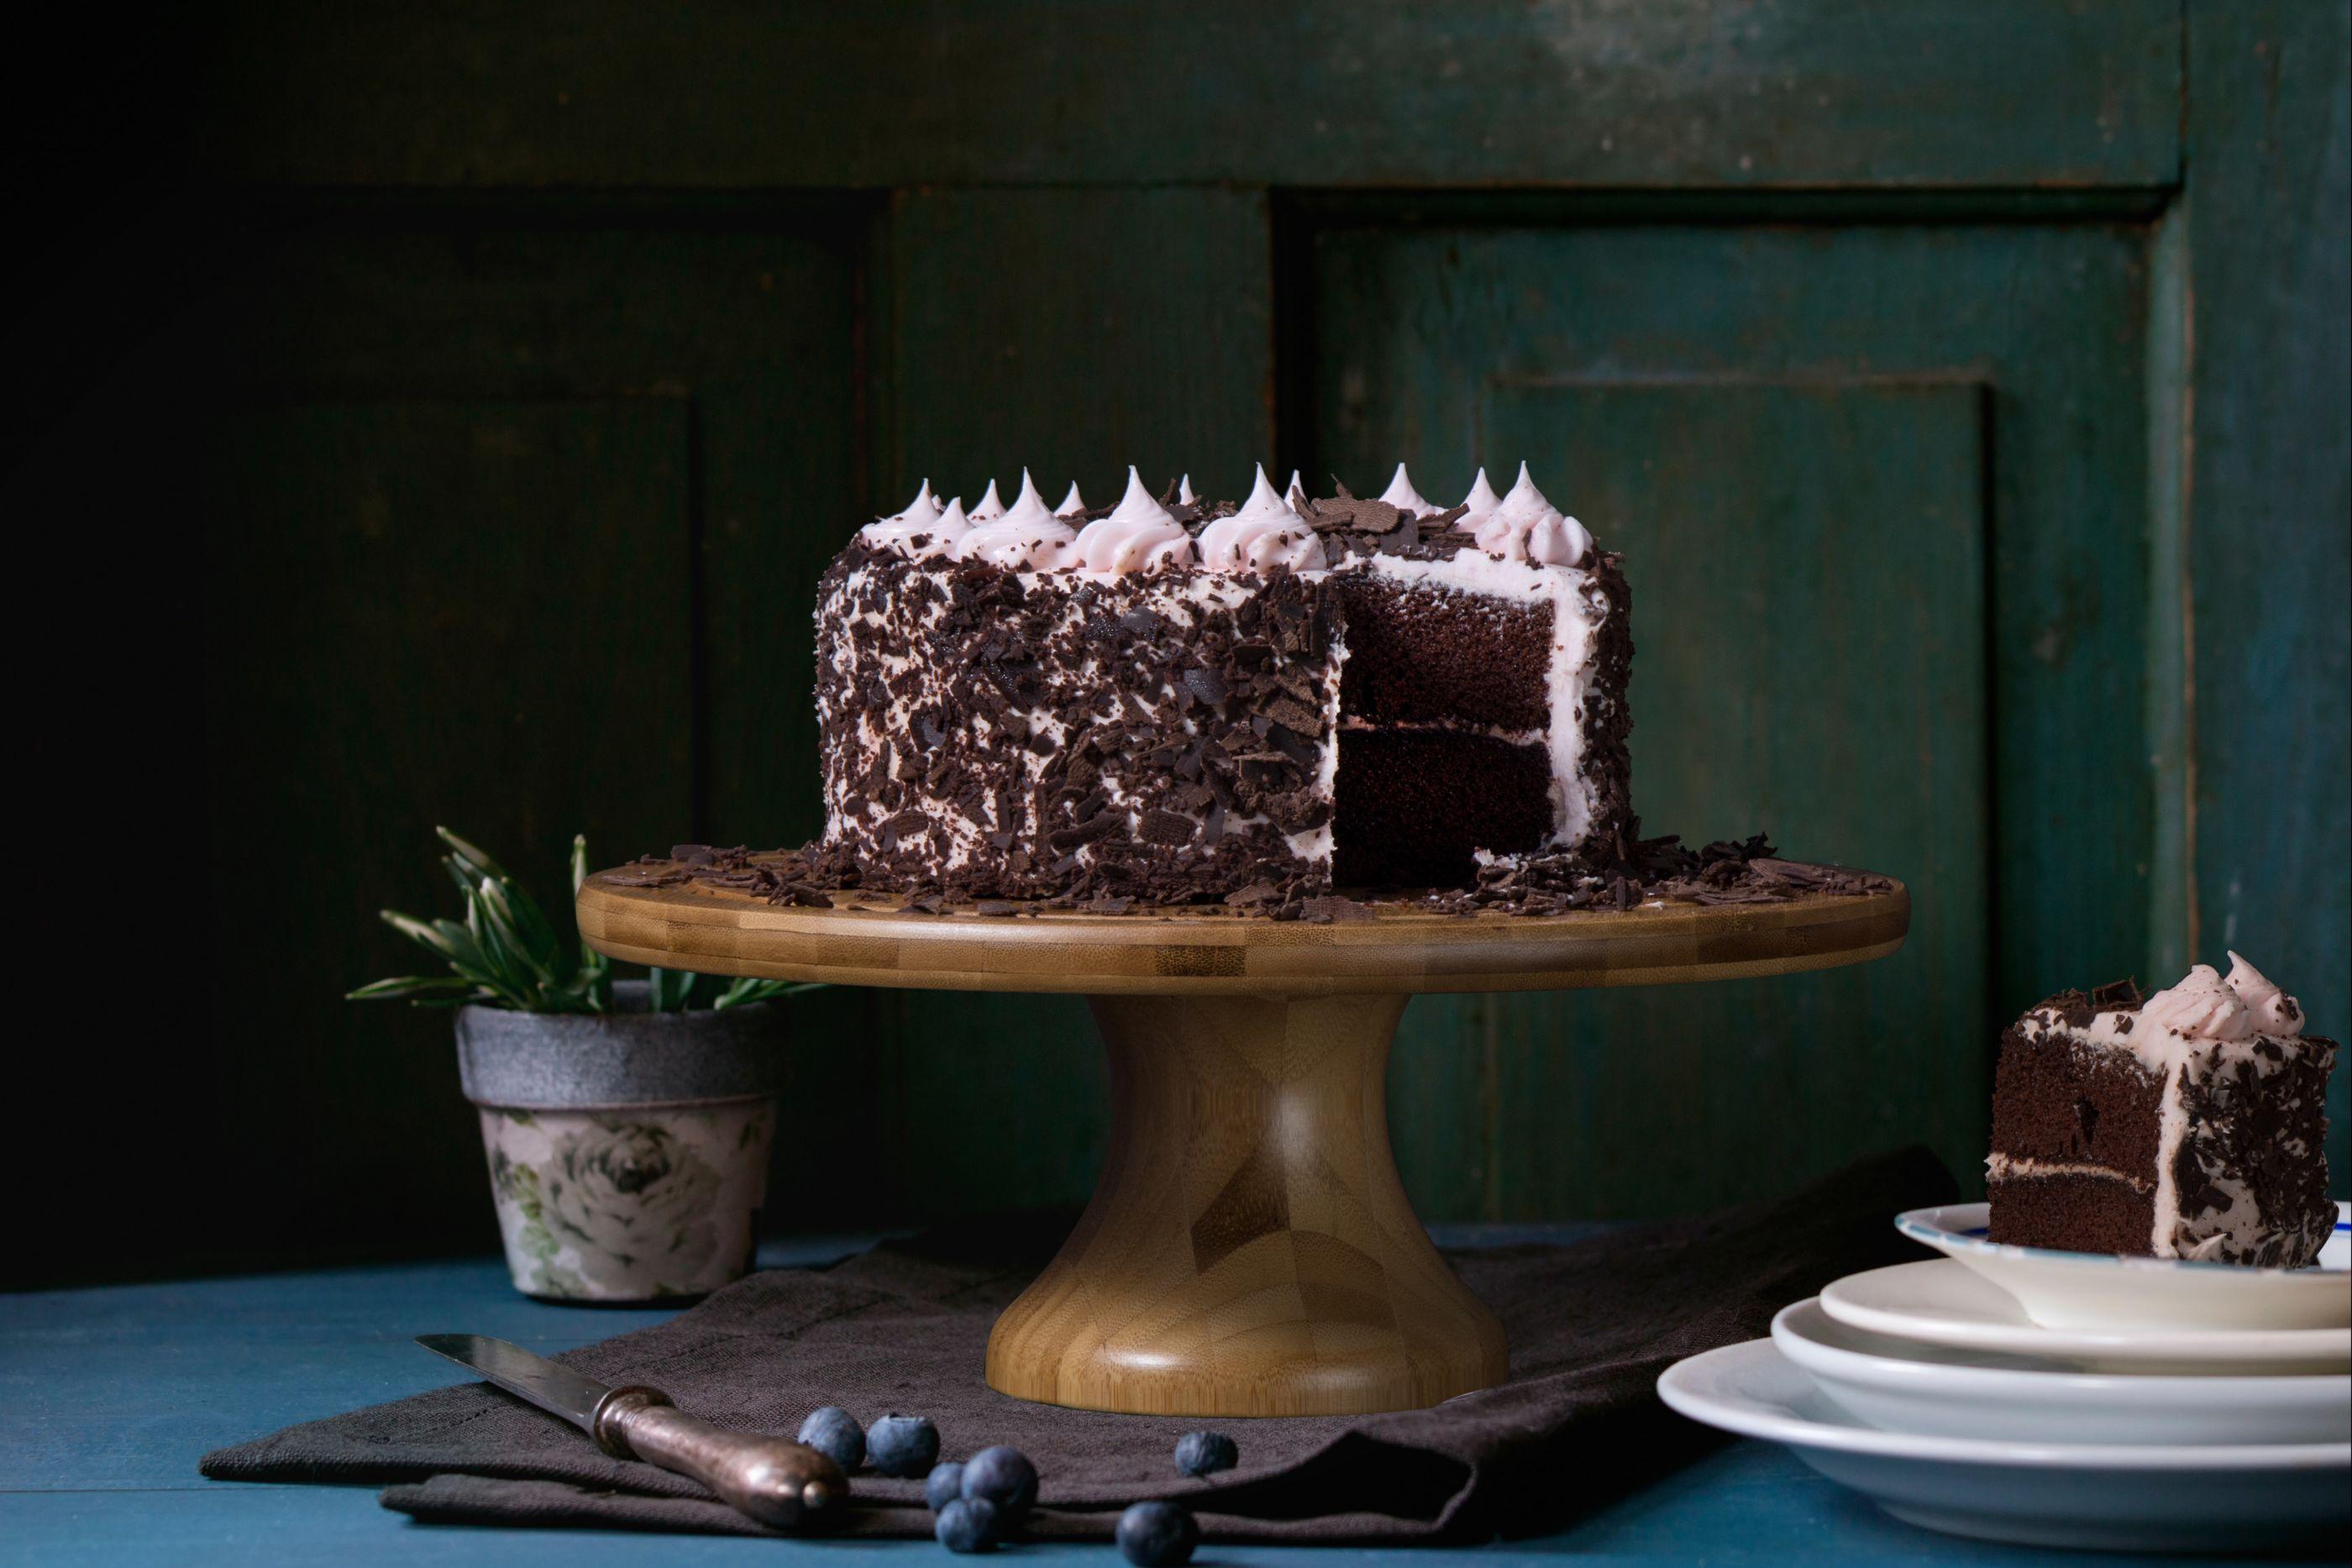 7 lugares que llevan deliciosos pasteles a domicilio en la CDMX